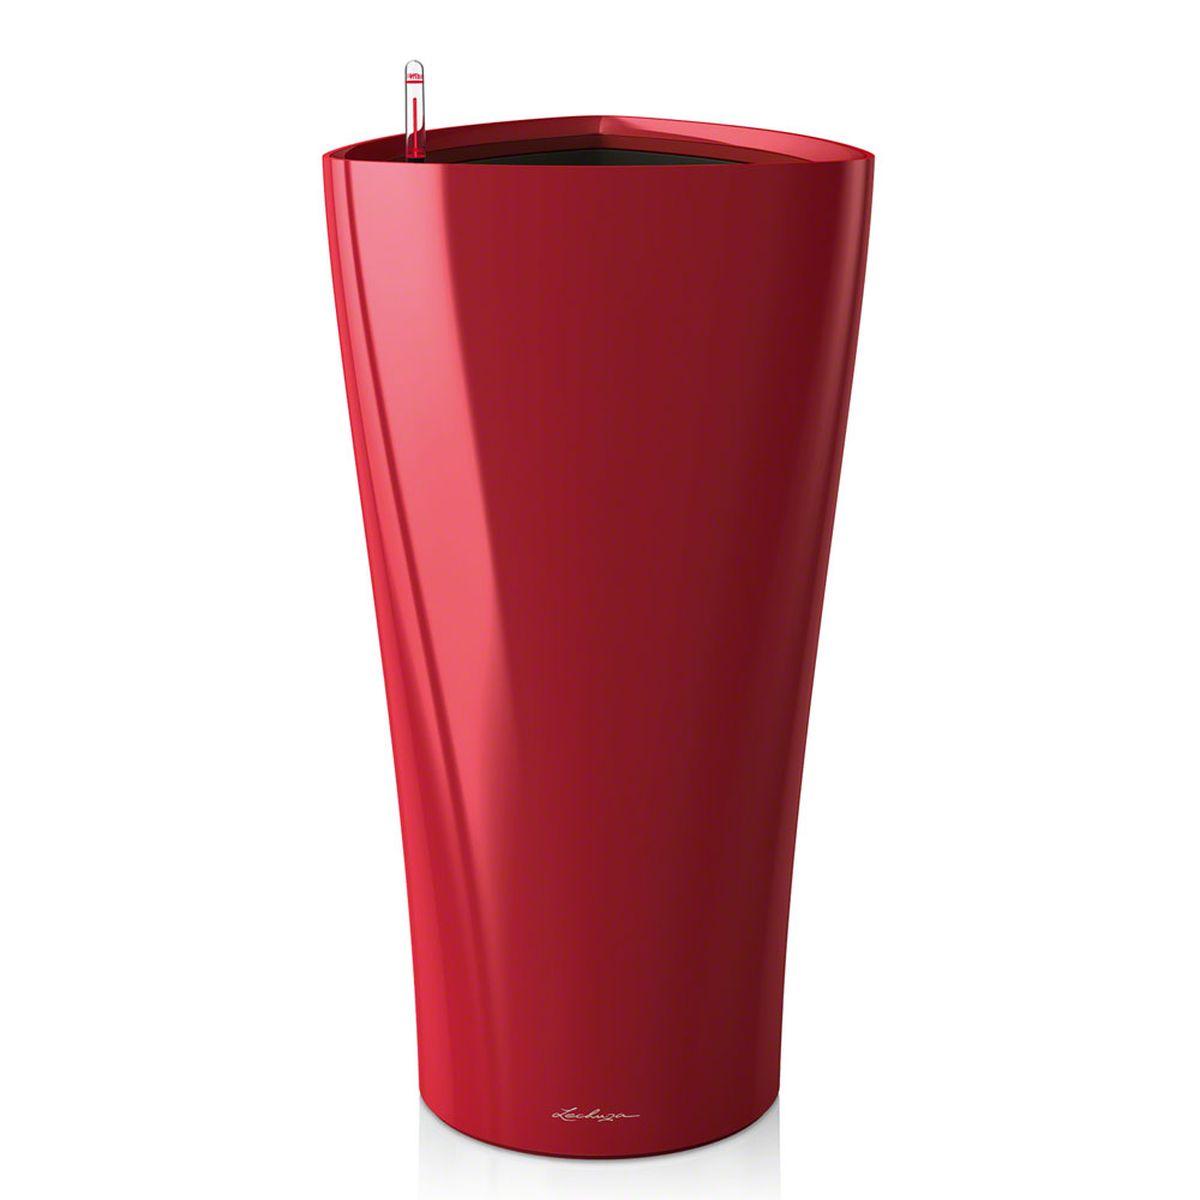 Кашпо Lechuza Delta, с системой автополива, цвет: красный, 40 х 40 х 75 см15559Кашпо Lechuza Delta, выполненное из высококачественного пластика, имеет уникальную систему автополива, благодаря которой корневая система растения непрерывно снабжается влагой из резервуара. Уровень воды в резервуаре контролируется с помощью специального индикатора. В зависимости от размера кашпо и растения воды хватает на 2-12 недель. Это способствует хорошему росту цветов и предотвращает переувлажнение.В набор входит: кашпо, внутренний горшок, индикатор уровня воды, резервуар для воды. Внутренний горшок, оснащенный выдвижными ручками, обеспечивает:- легкую переноску даже высоких растений;- легкую смену растений;- можно также просто убрать растения на зиму;- винт в днище позволяет стечь излишней дождевой воде наружу.Кашпо Lechuza Delta прекрасно впишется в интерьер больших холлов, террас ресторанов и уютных гостиных. Изделие поможет расставить нужные акценты и придаст помещению вид, соответствующий вашим представлениям.